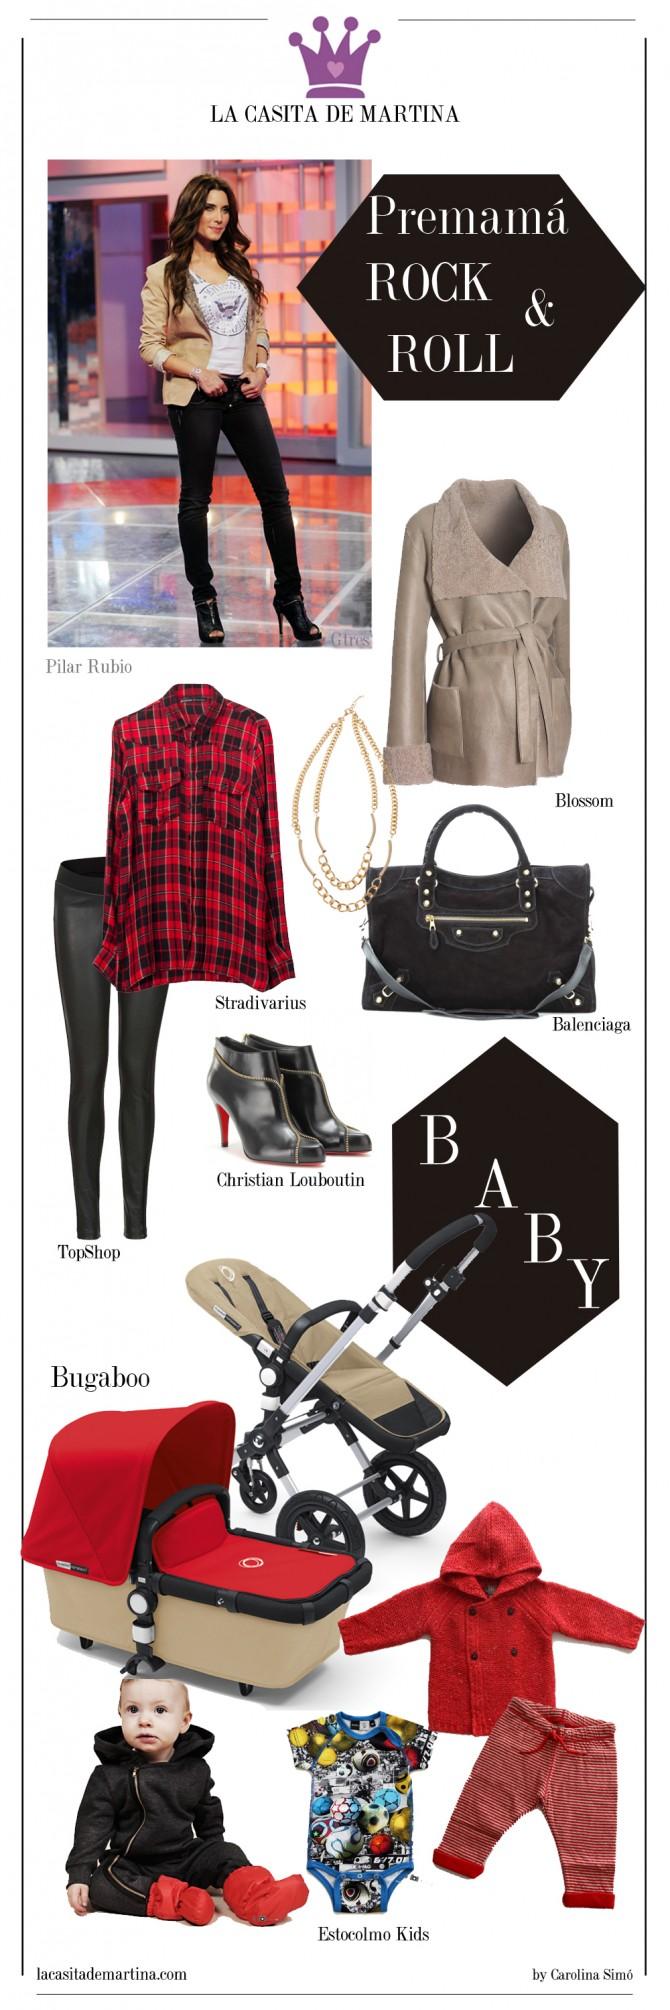 Pilar Rubio, Moda premamá, Blog Moda Premamá, Blog Moda Infantil, La casita de Martina